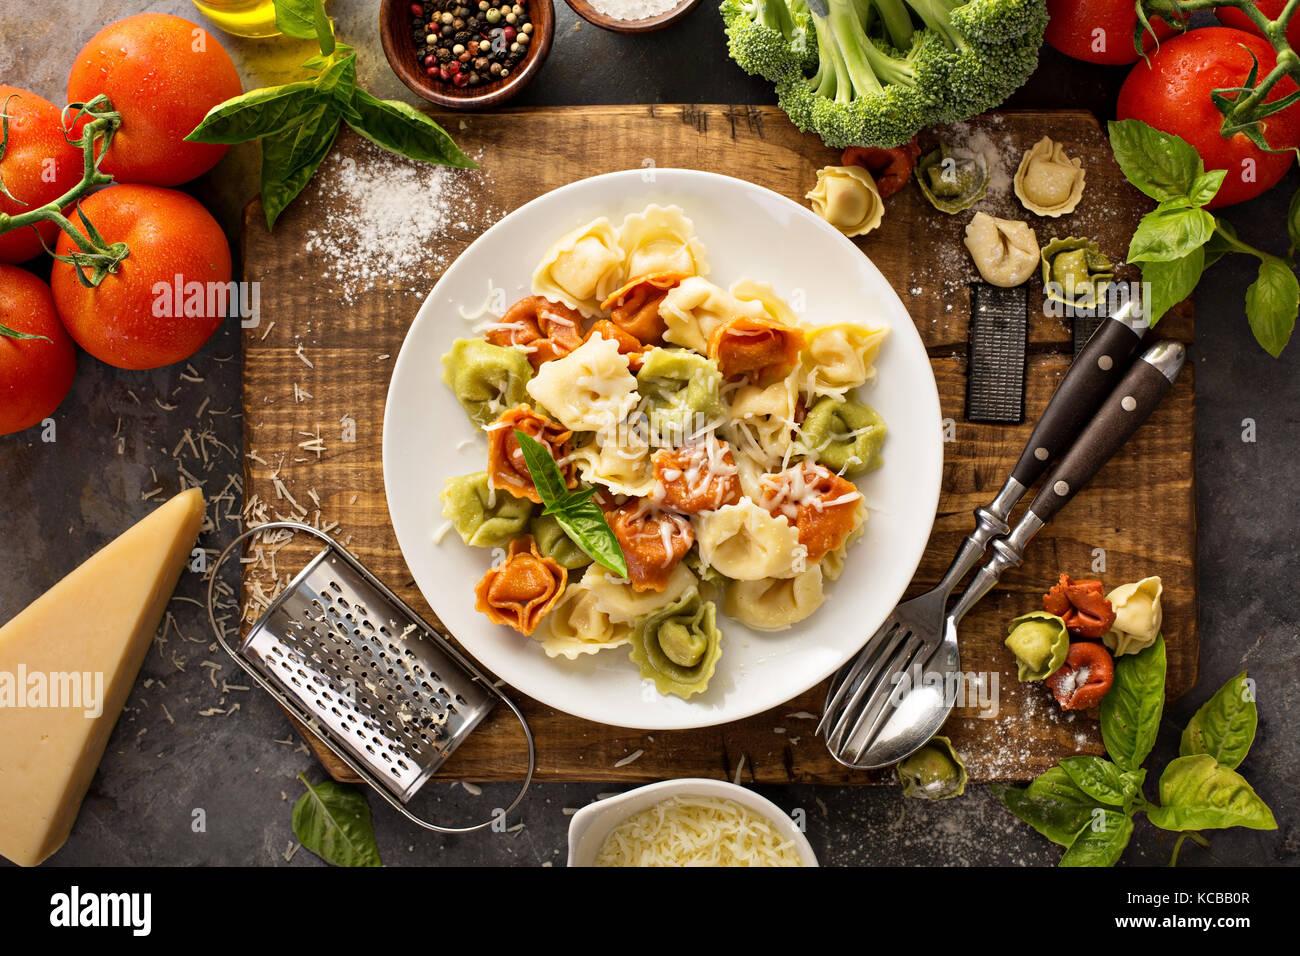 Rot, weiß und grün Tortellini mit Gemüse und Käse Stockbild